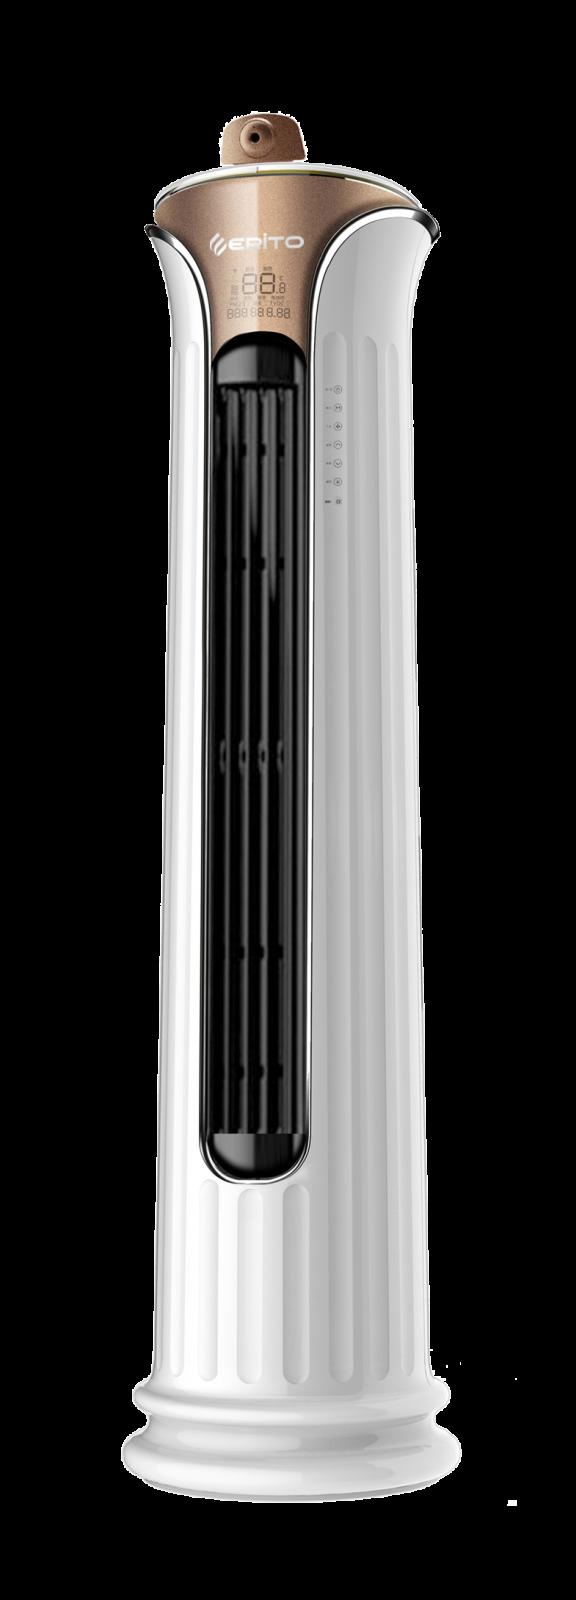 Điều hòa Erito Tủ tròn 28000 BTU hai chiều